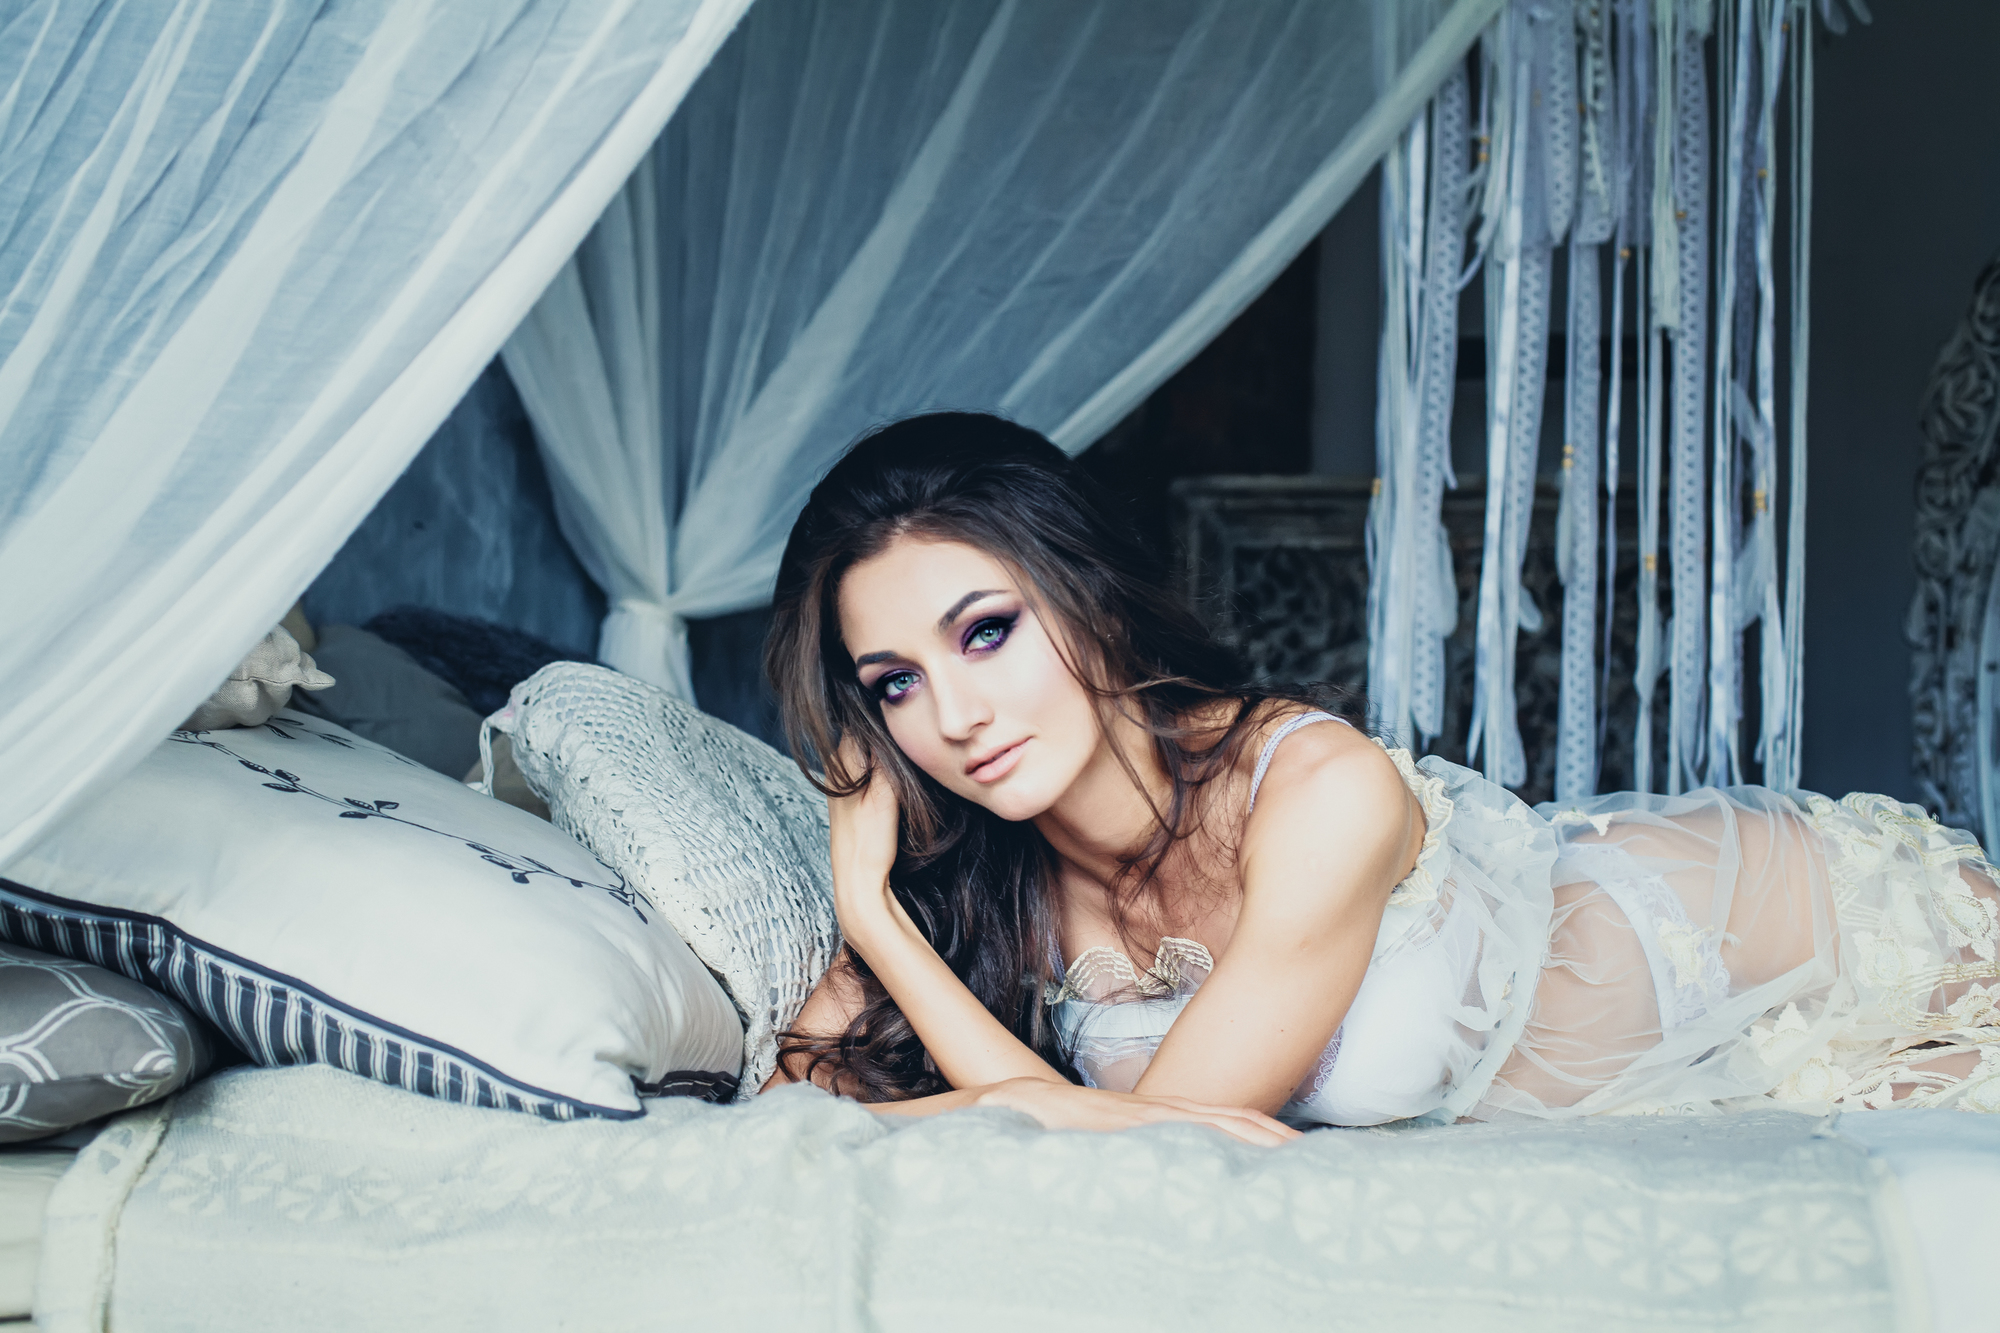 白いベッドの上で横向けになっている女性